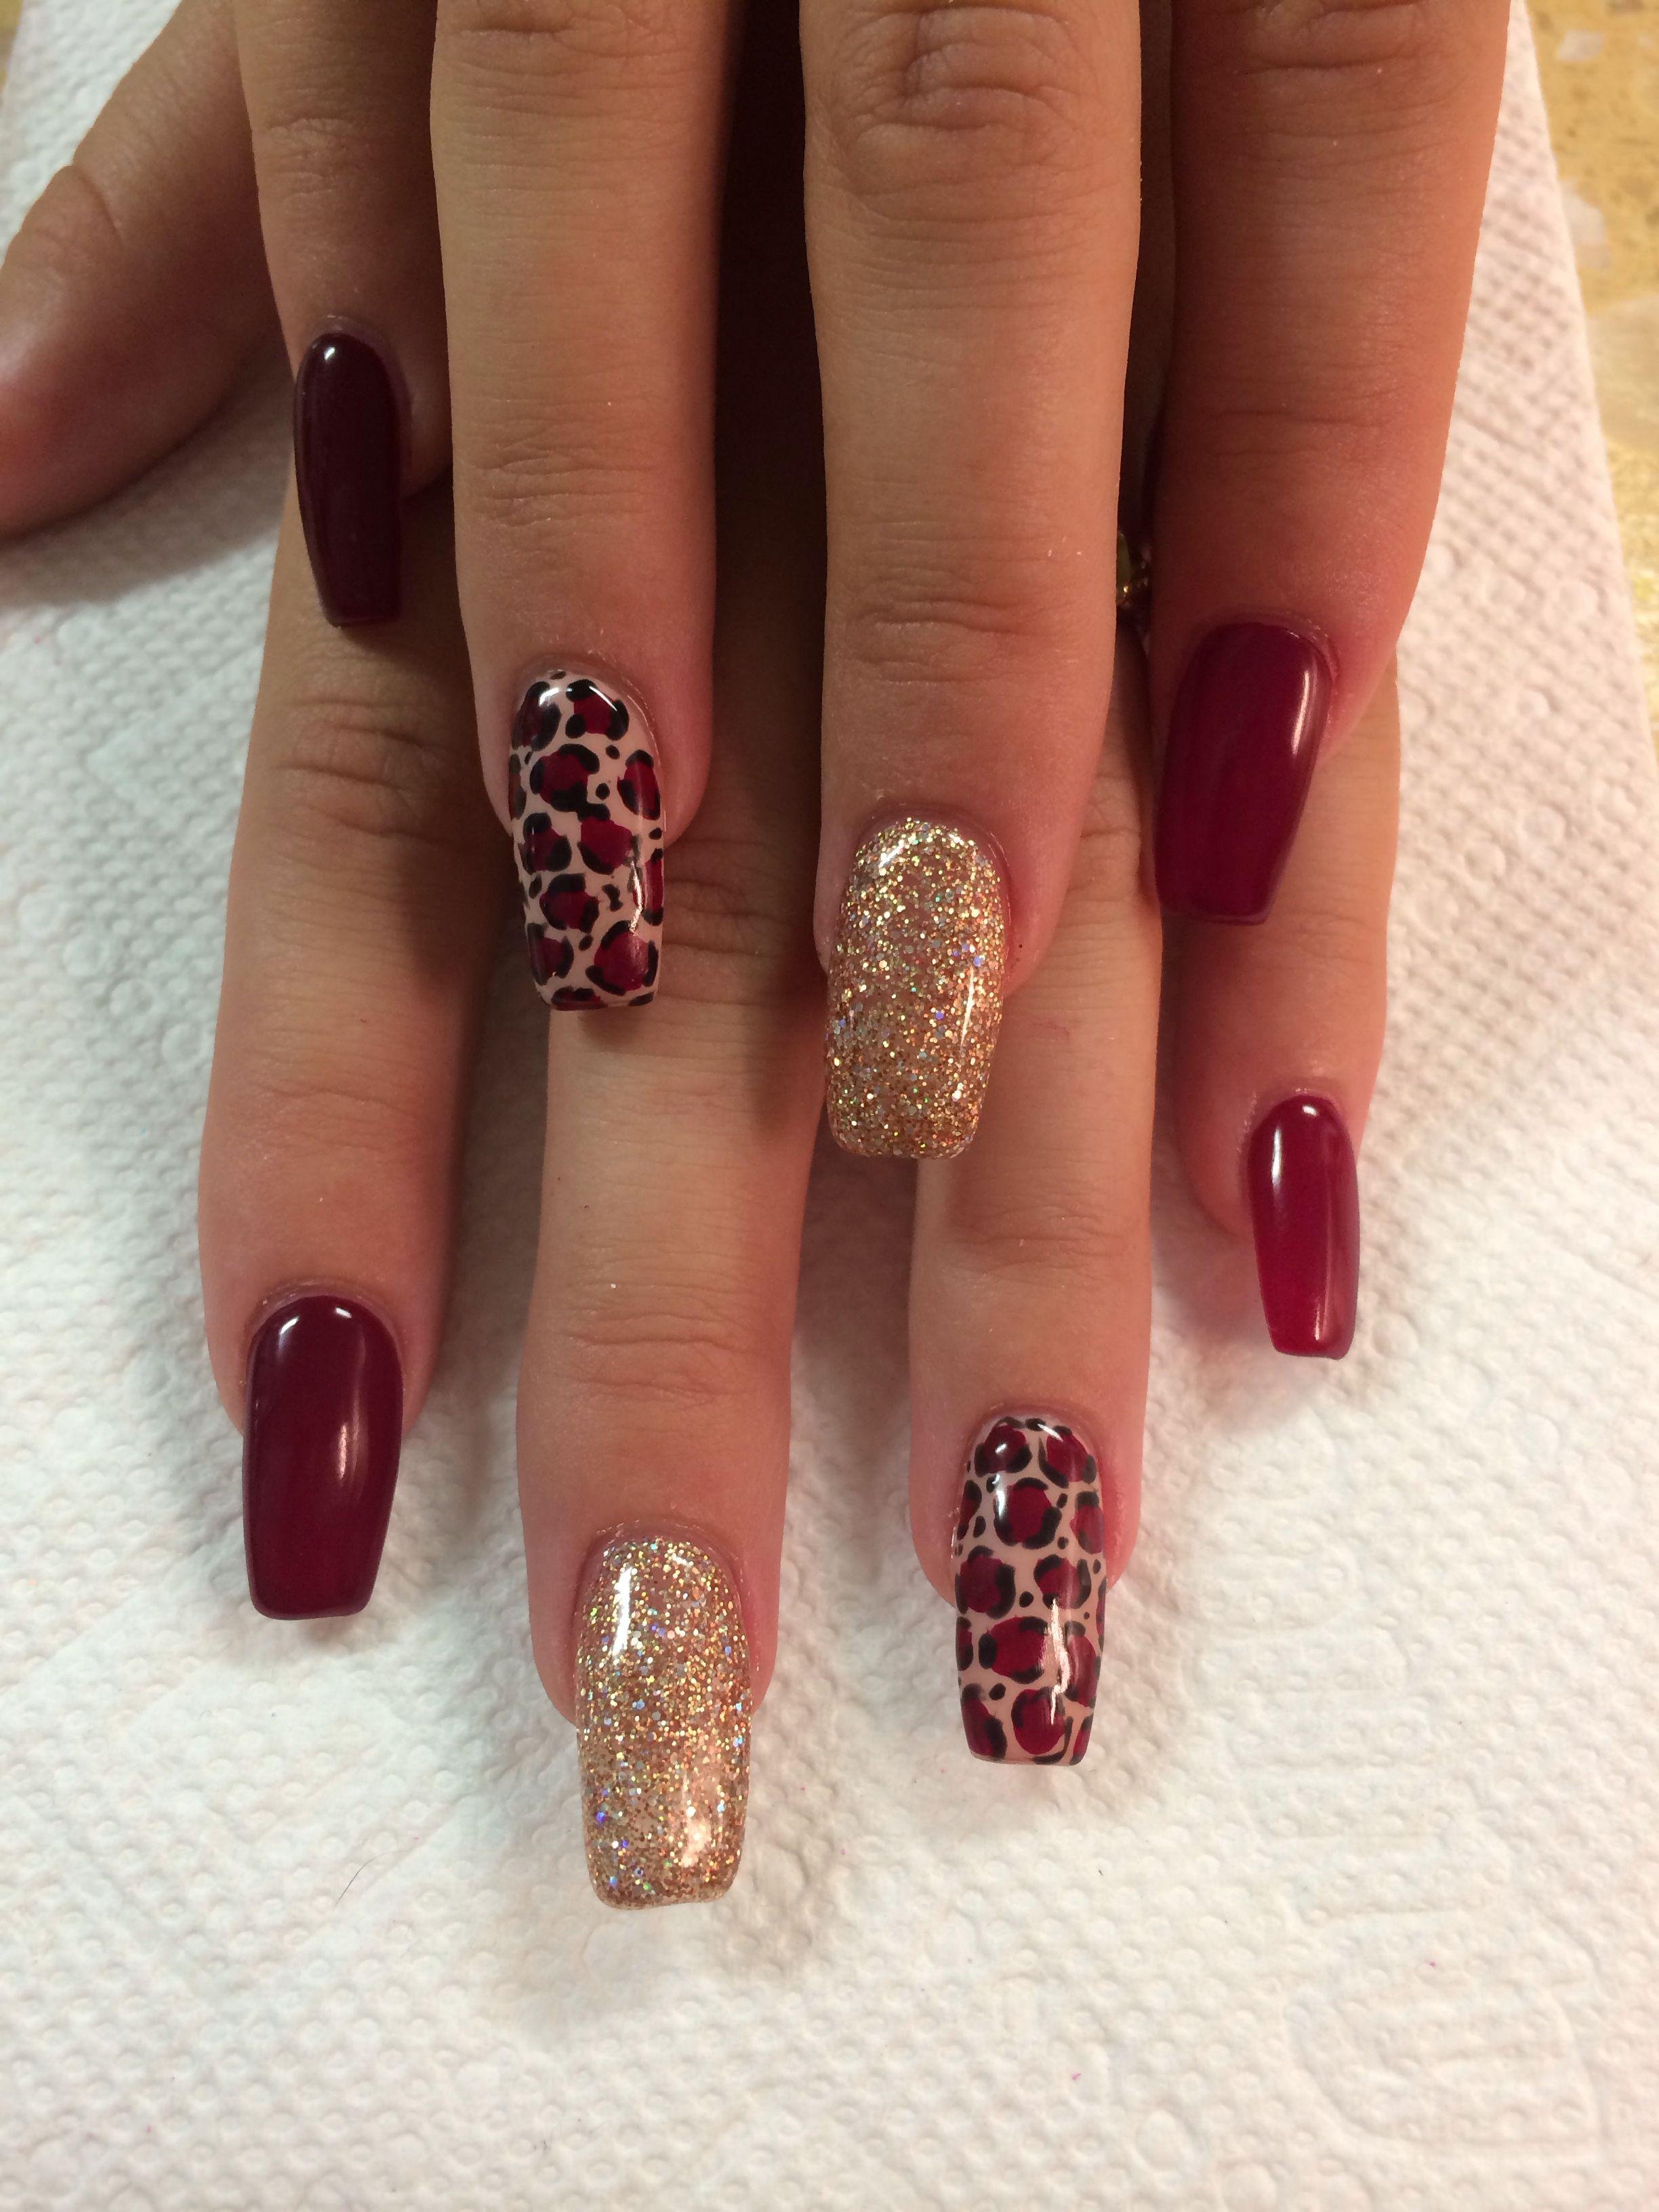 cheetah print nail design nails